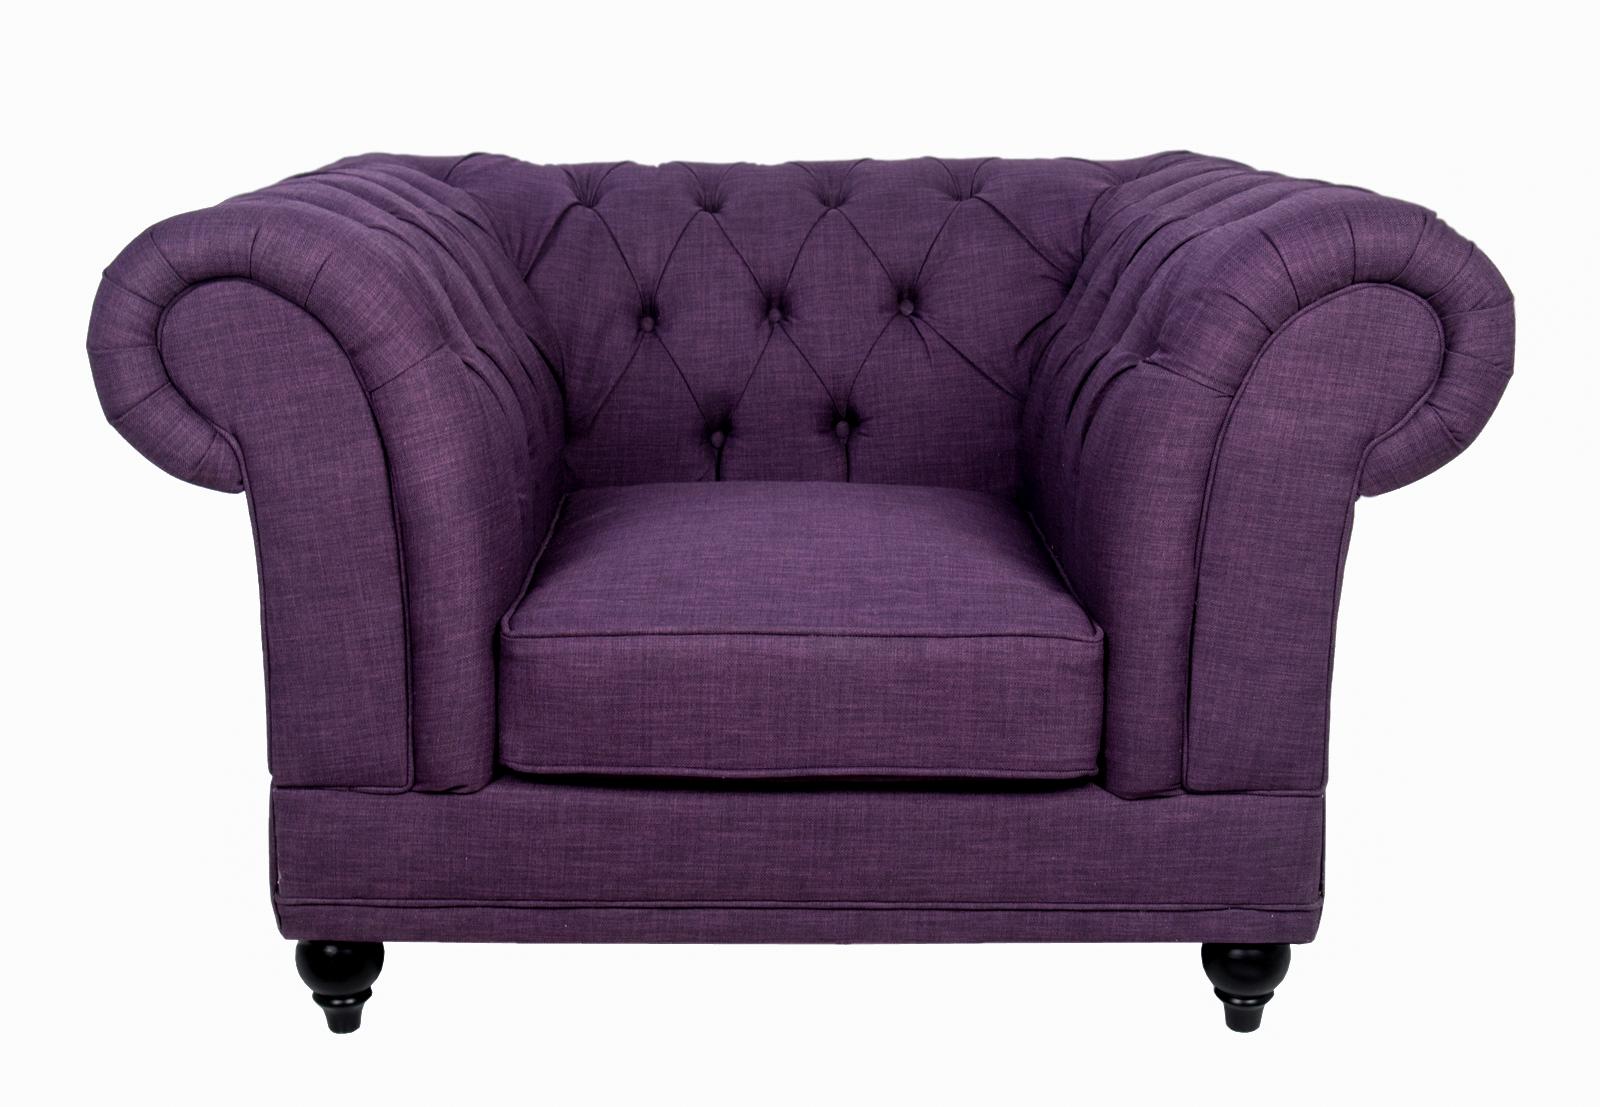 Кресло DasenИнтерьерные кресла<br>Глубокое, мягкое удобное, такое очаровательное кресло подарит вашему дому тепло, уют и хорошее настроение.&amp;amp;nbsp;<br><br>Material: Лен<br>Ширина см: 98<br>Высота см: 72<br>Глубина см: 98